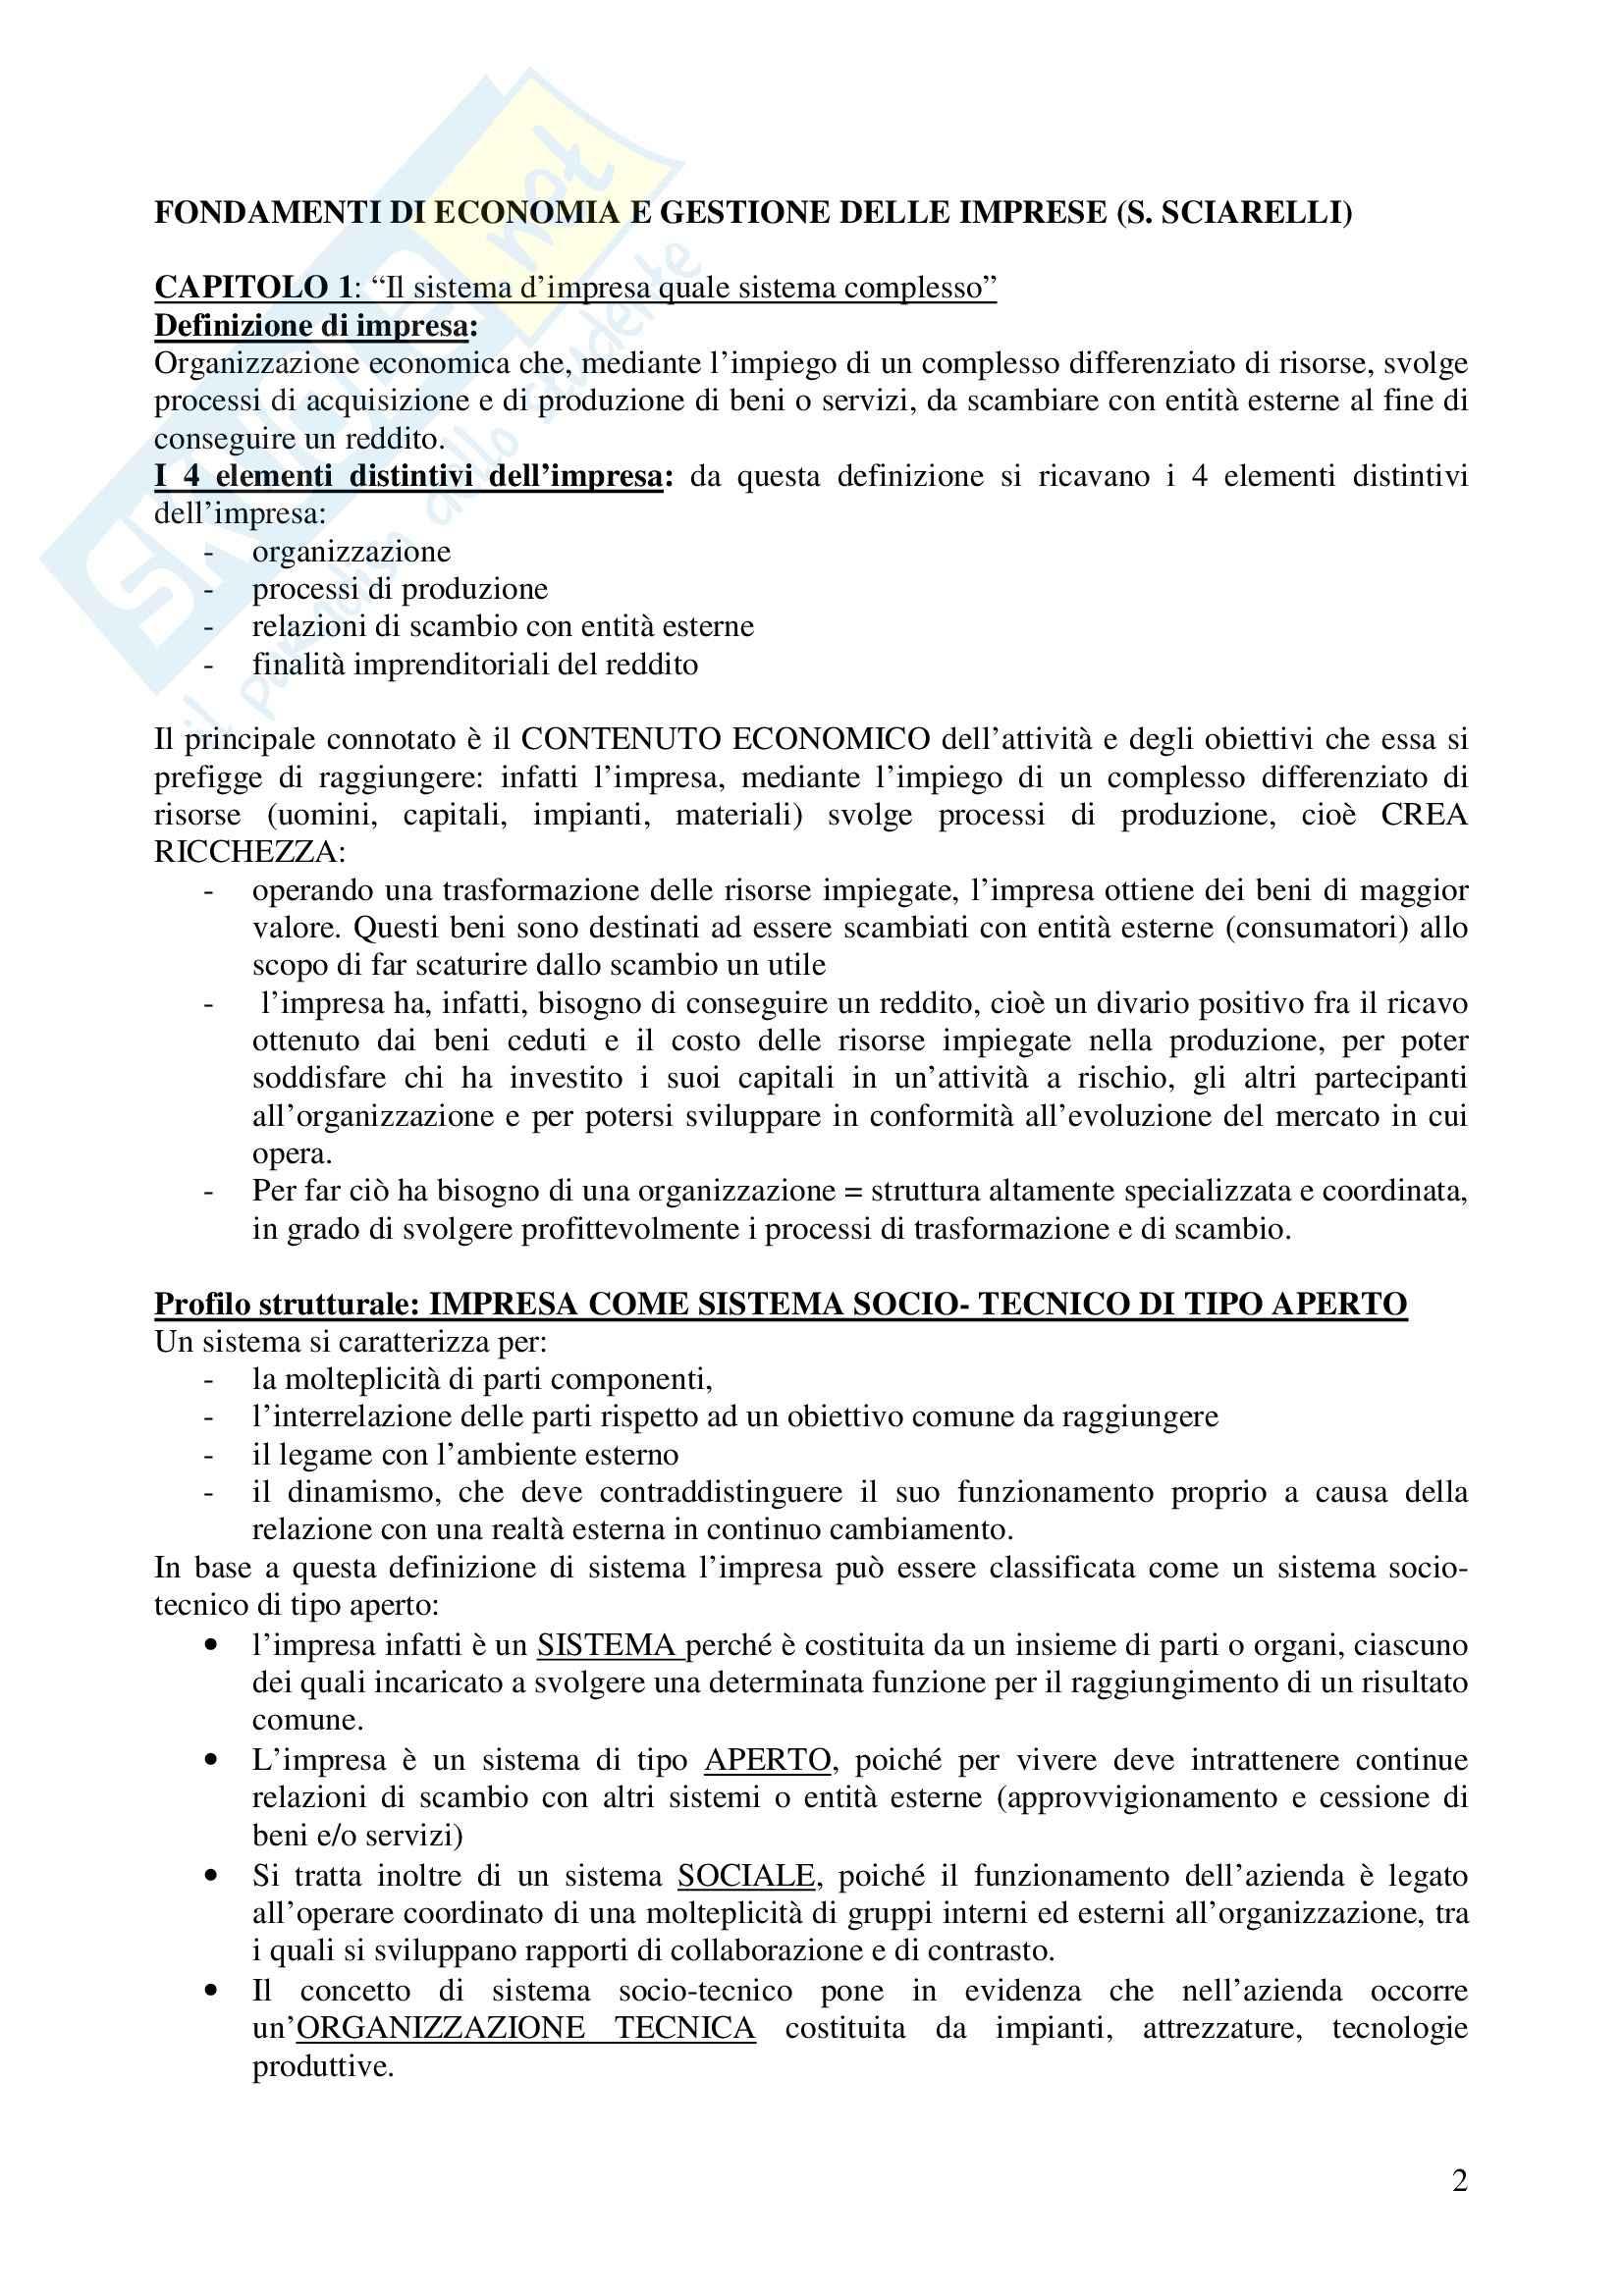 appunto F. Calza Economia e gestione delle imprese